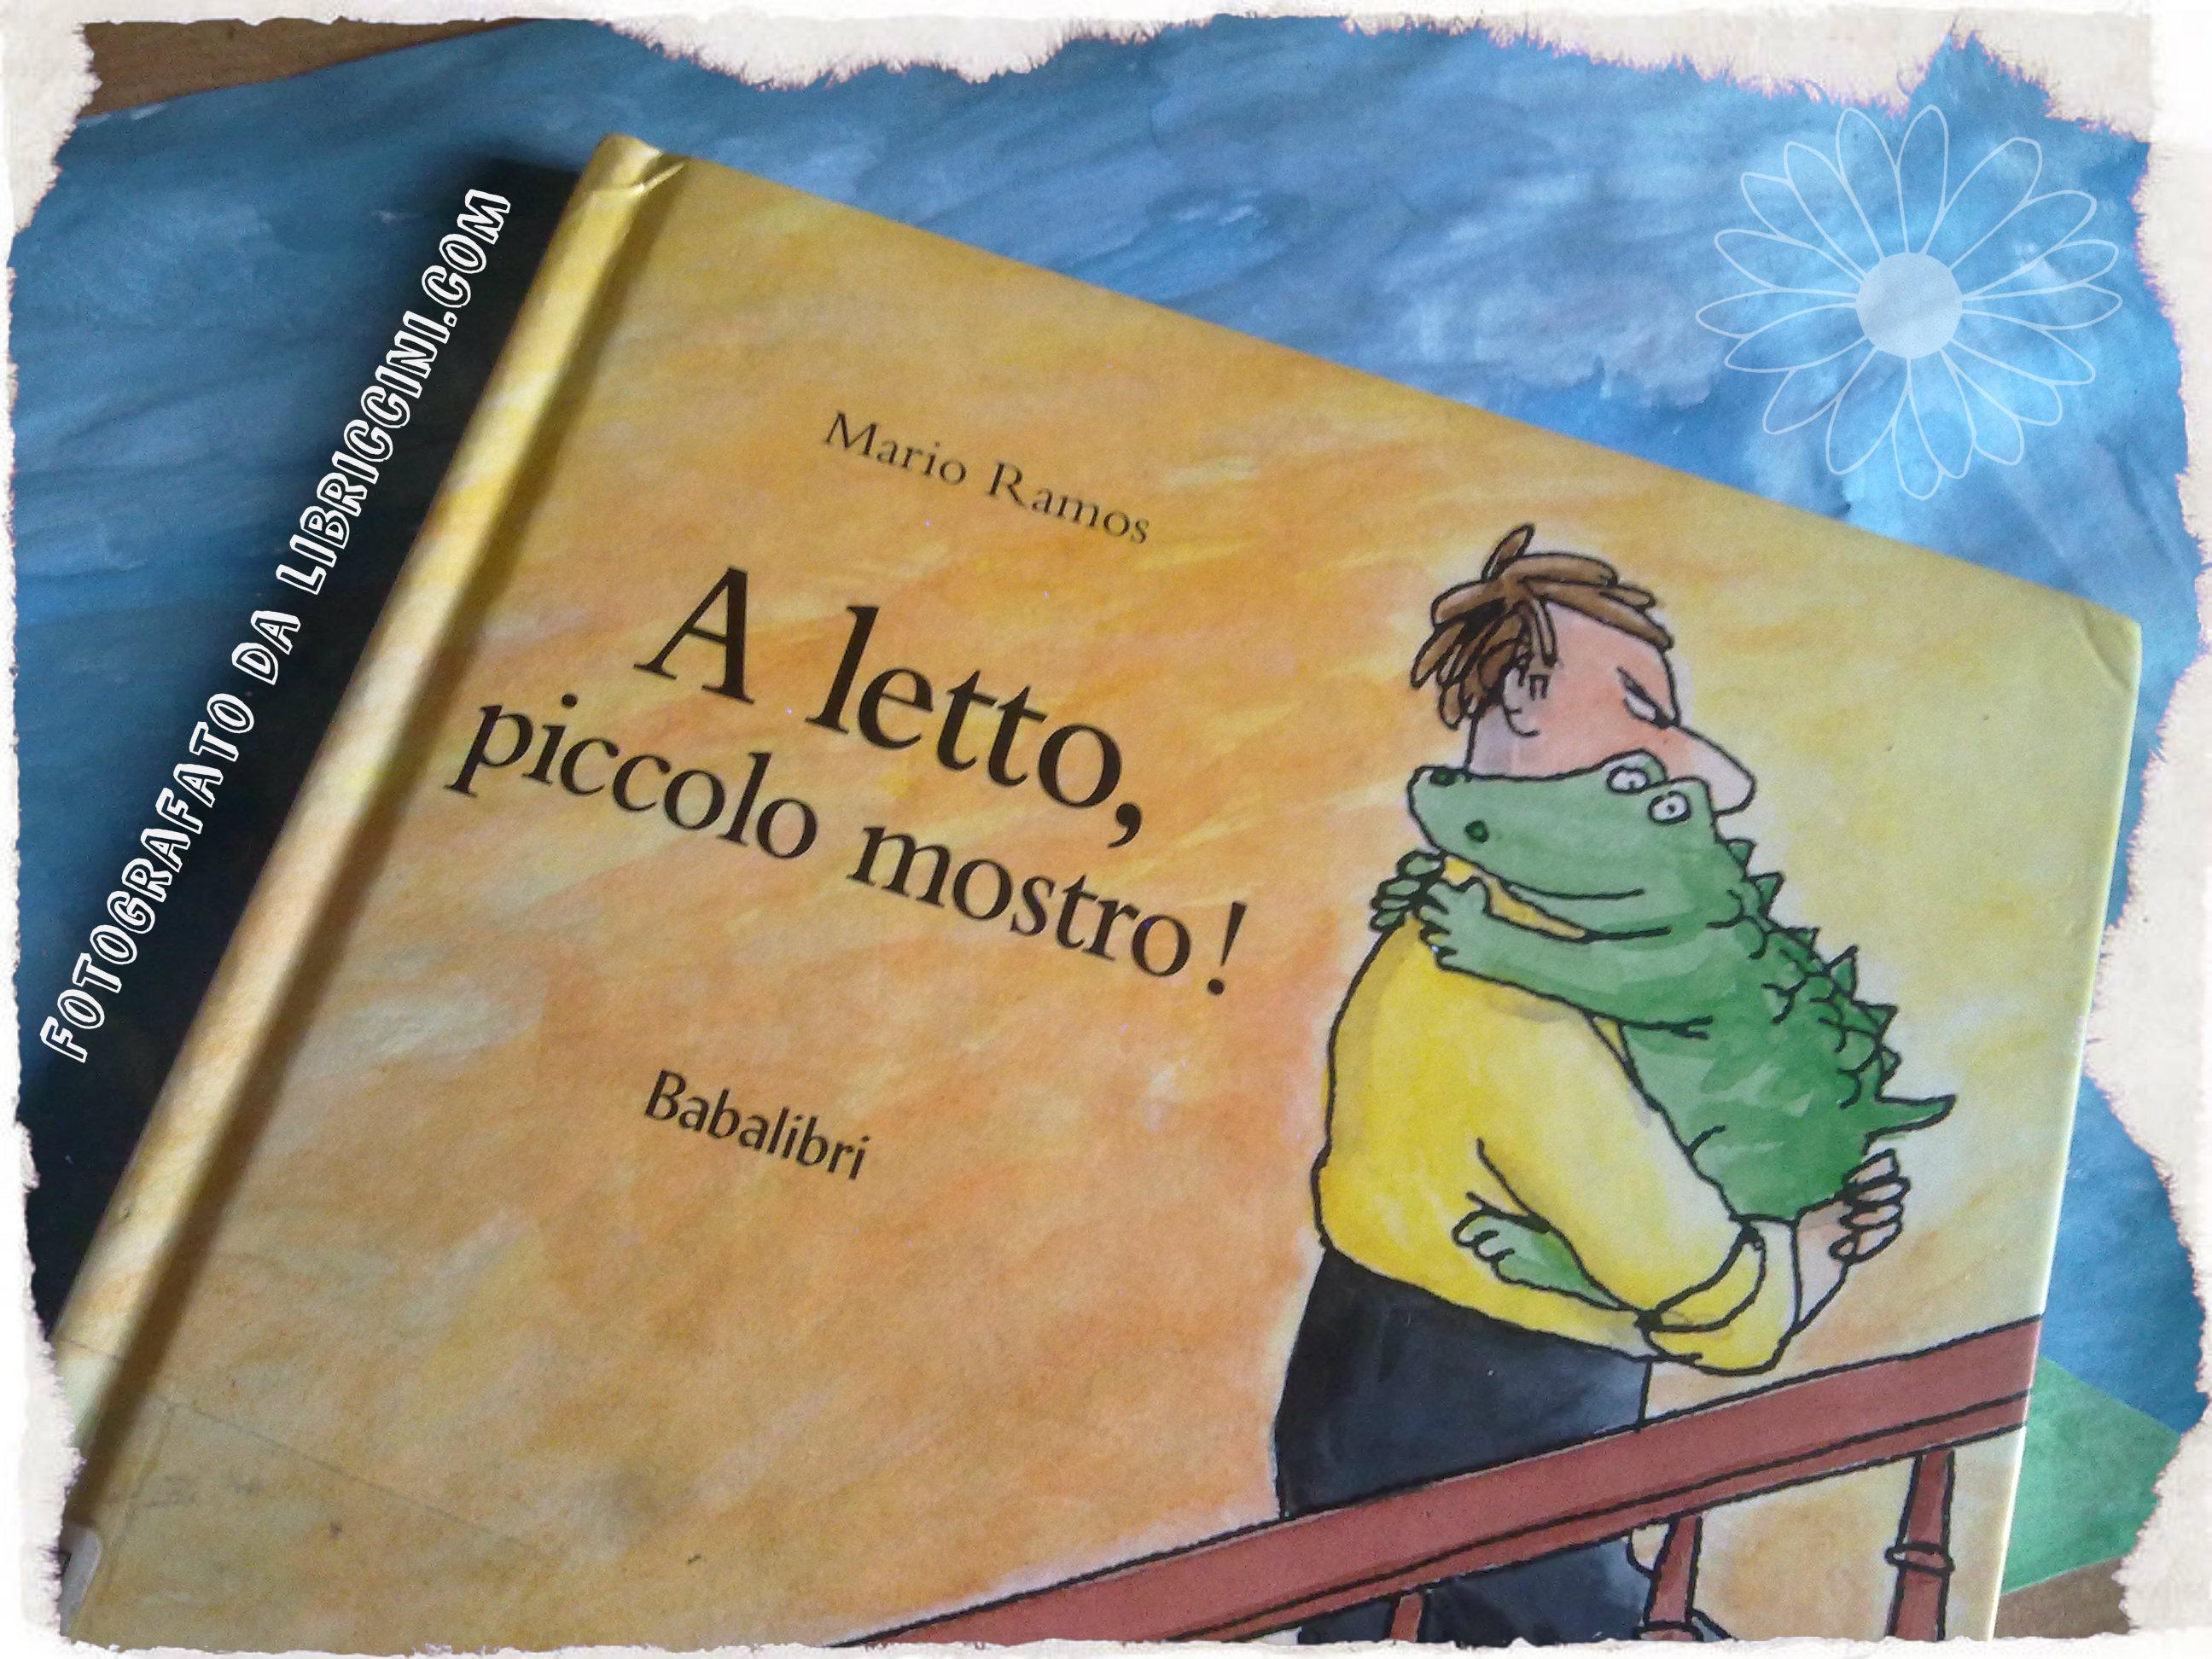 Mario ramos libriccini - A letto piccolo mostro ...